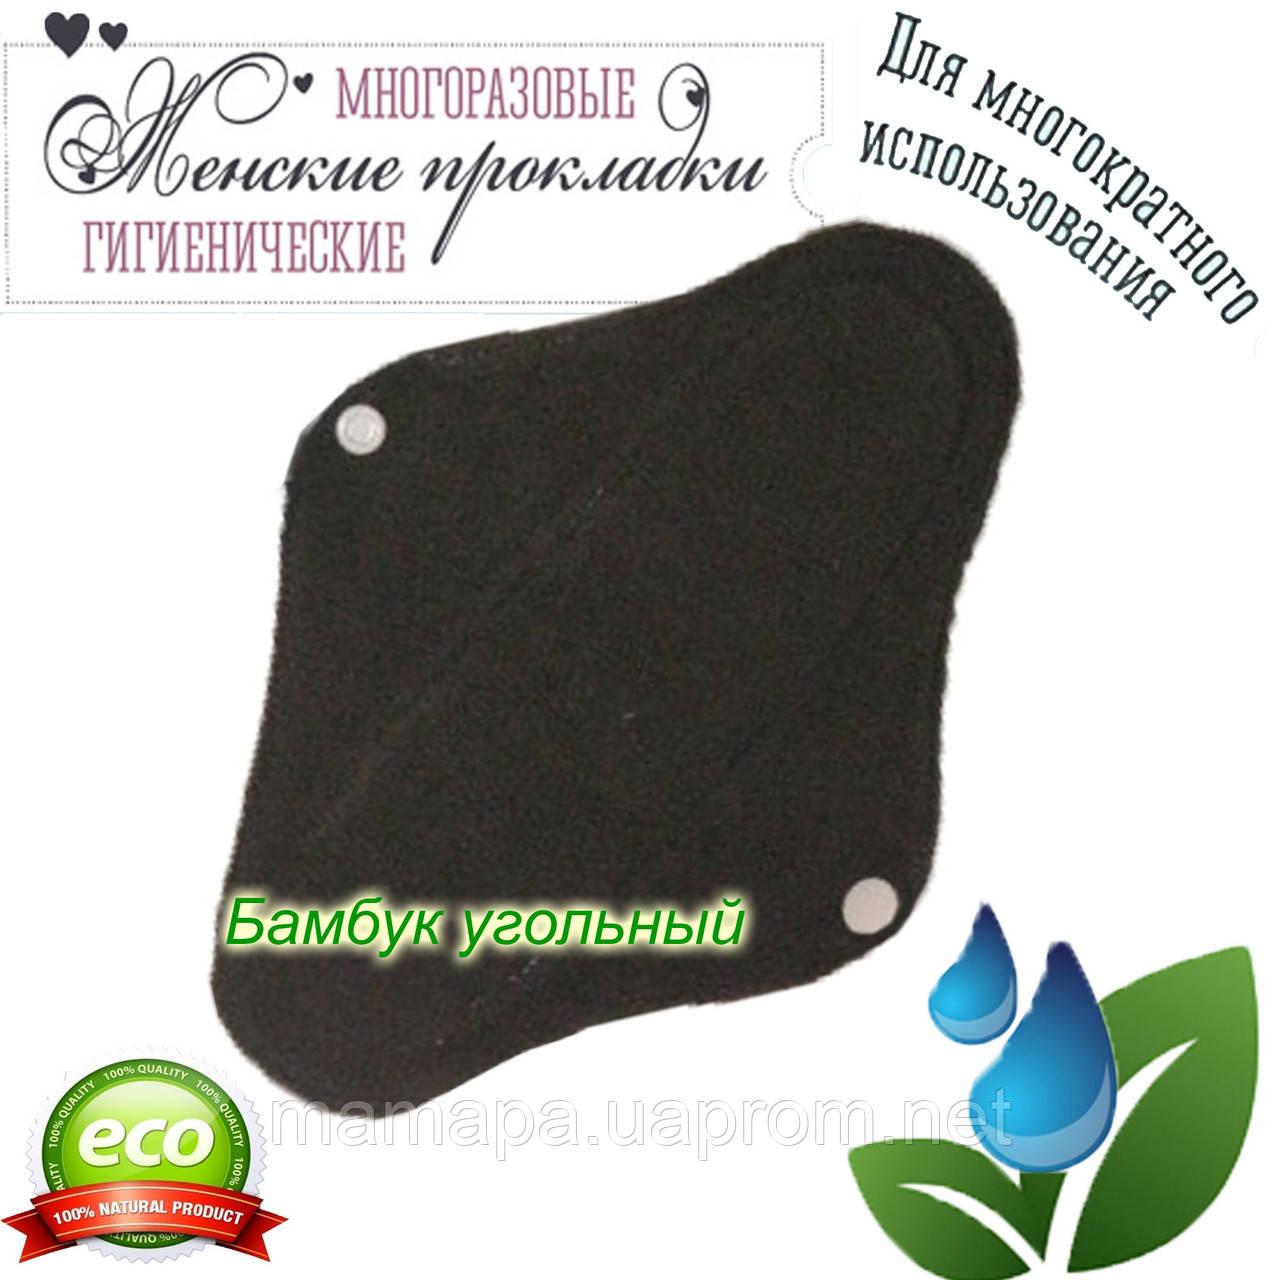 c331585556b3 ... Многоразовые прокладки NORMAL-4 3шт бамбук угольный, непромокаемые,  дышащие, ...